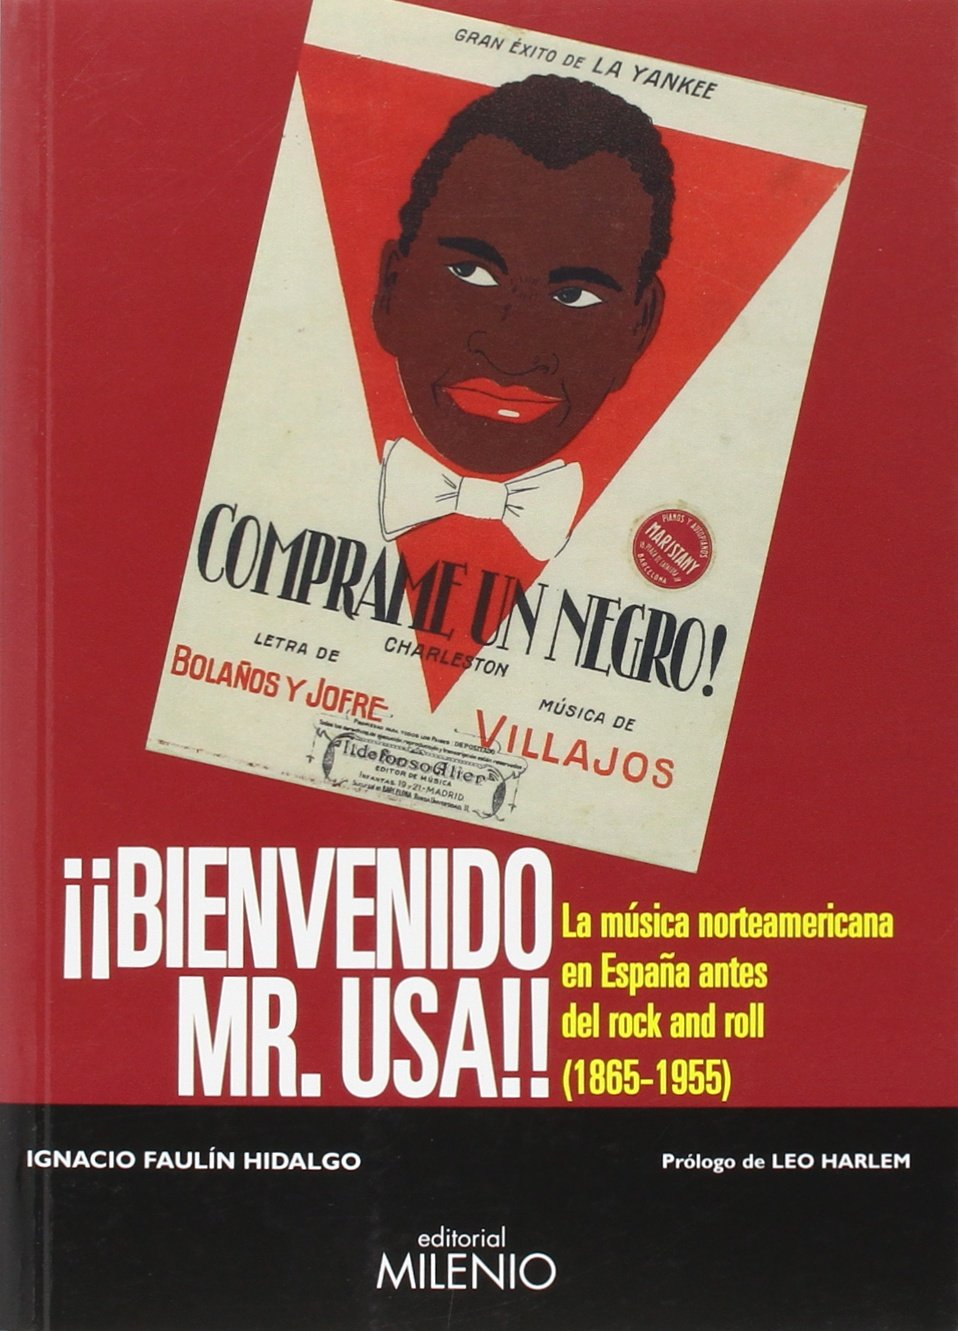 Bienvenido Mr. USA: La música norteamericana en España antes del rock and roll 1865-1955: Amazon.es: Faulín Hidalgo, Ignacio, González Feliz, Leonardo: Libros